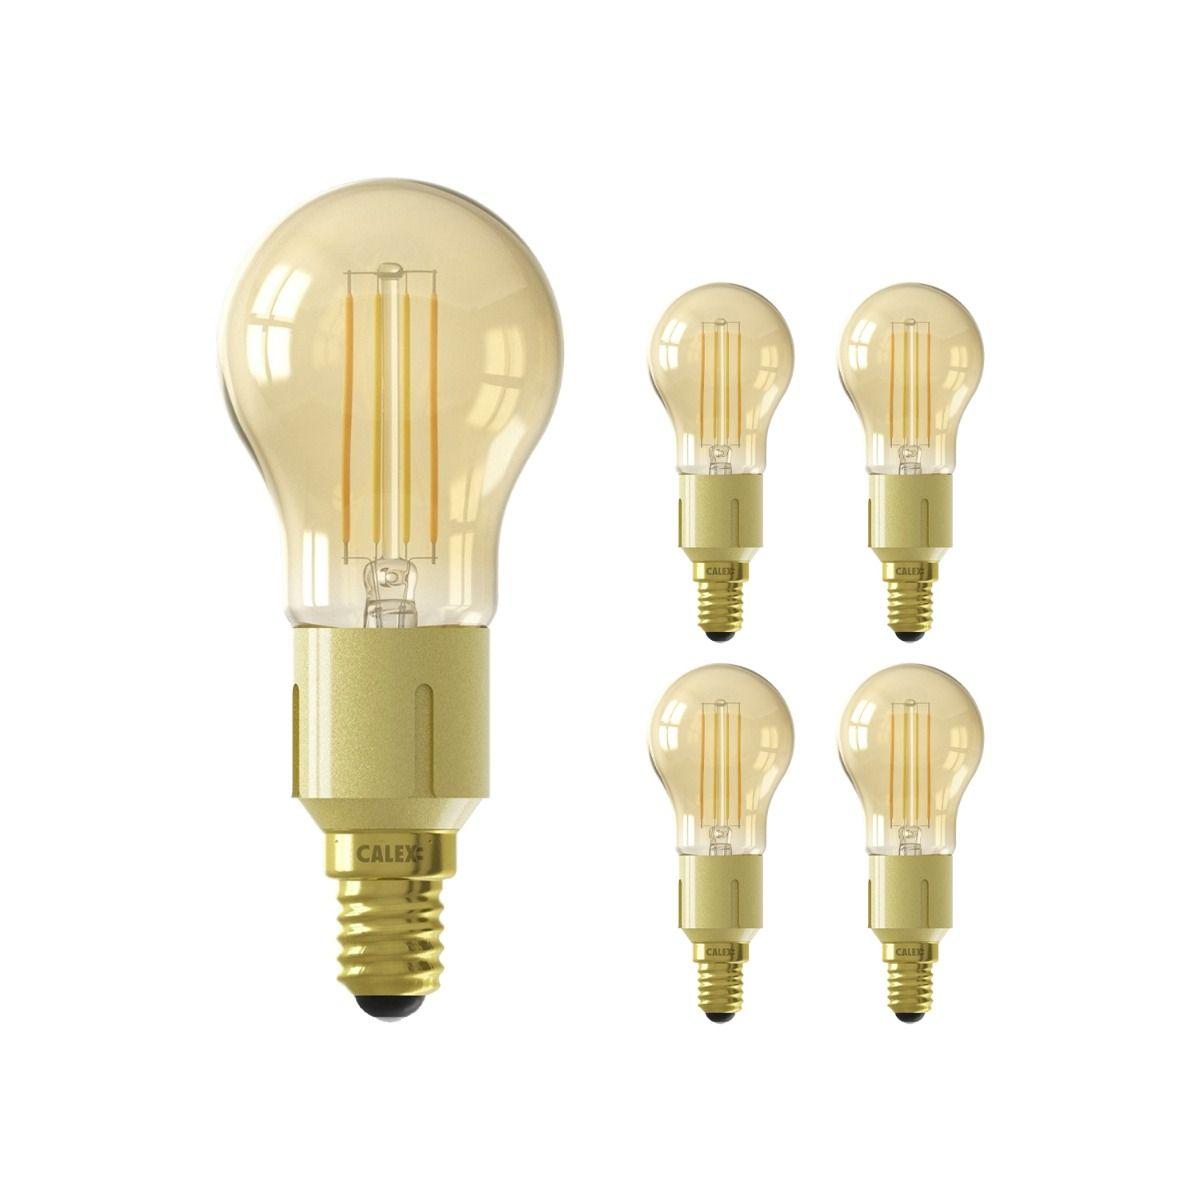 Fordelspakke 5x Calex Smart Sfærisk LED Pære E14 4,5W 400lm 1800-3000K CCT filament | Tuya Wi-Fi